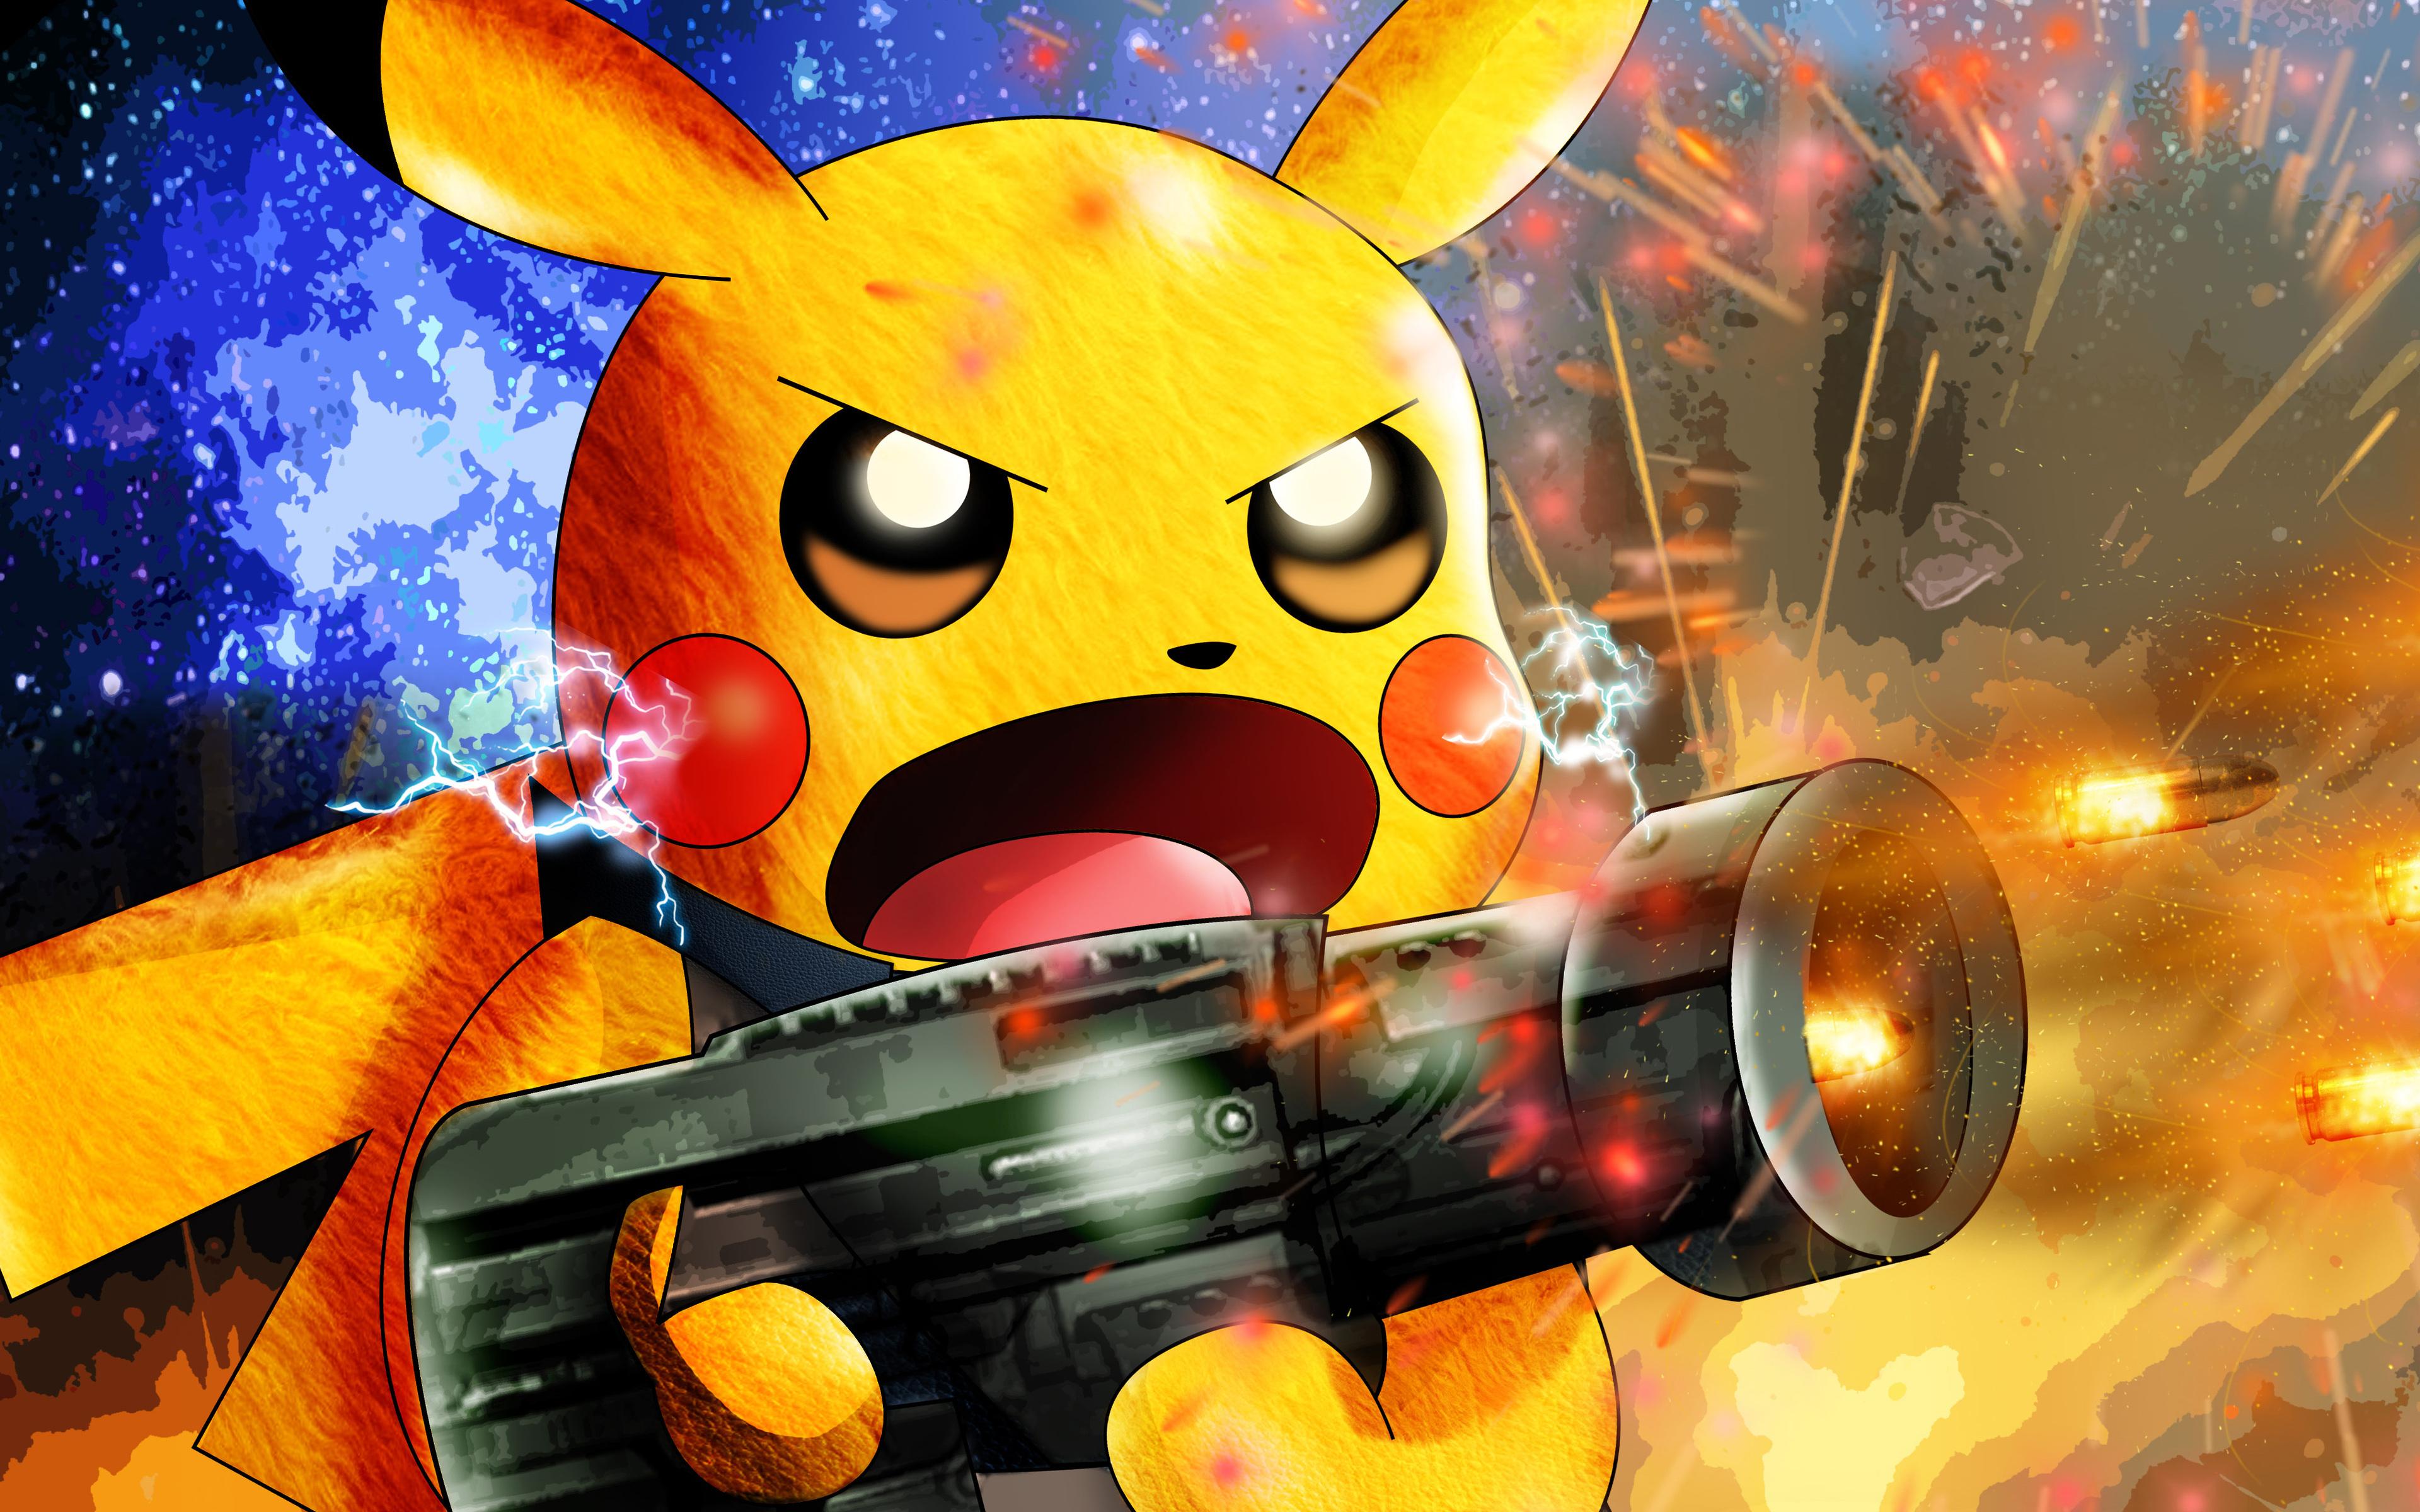 pikachu-as-rocket-raccoon-36.jpg